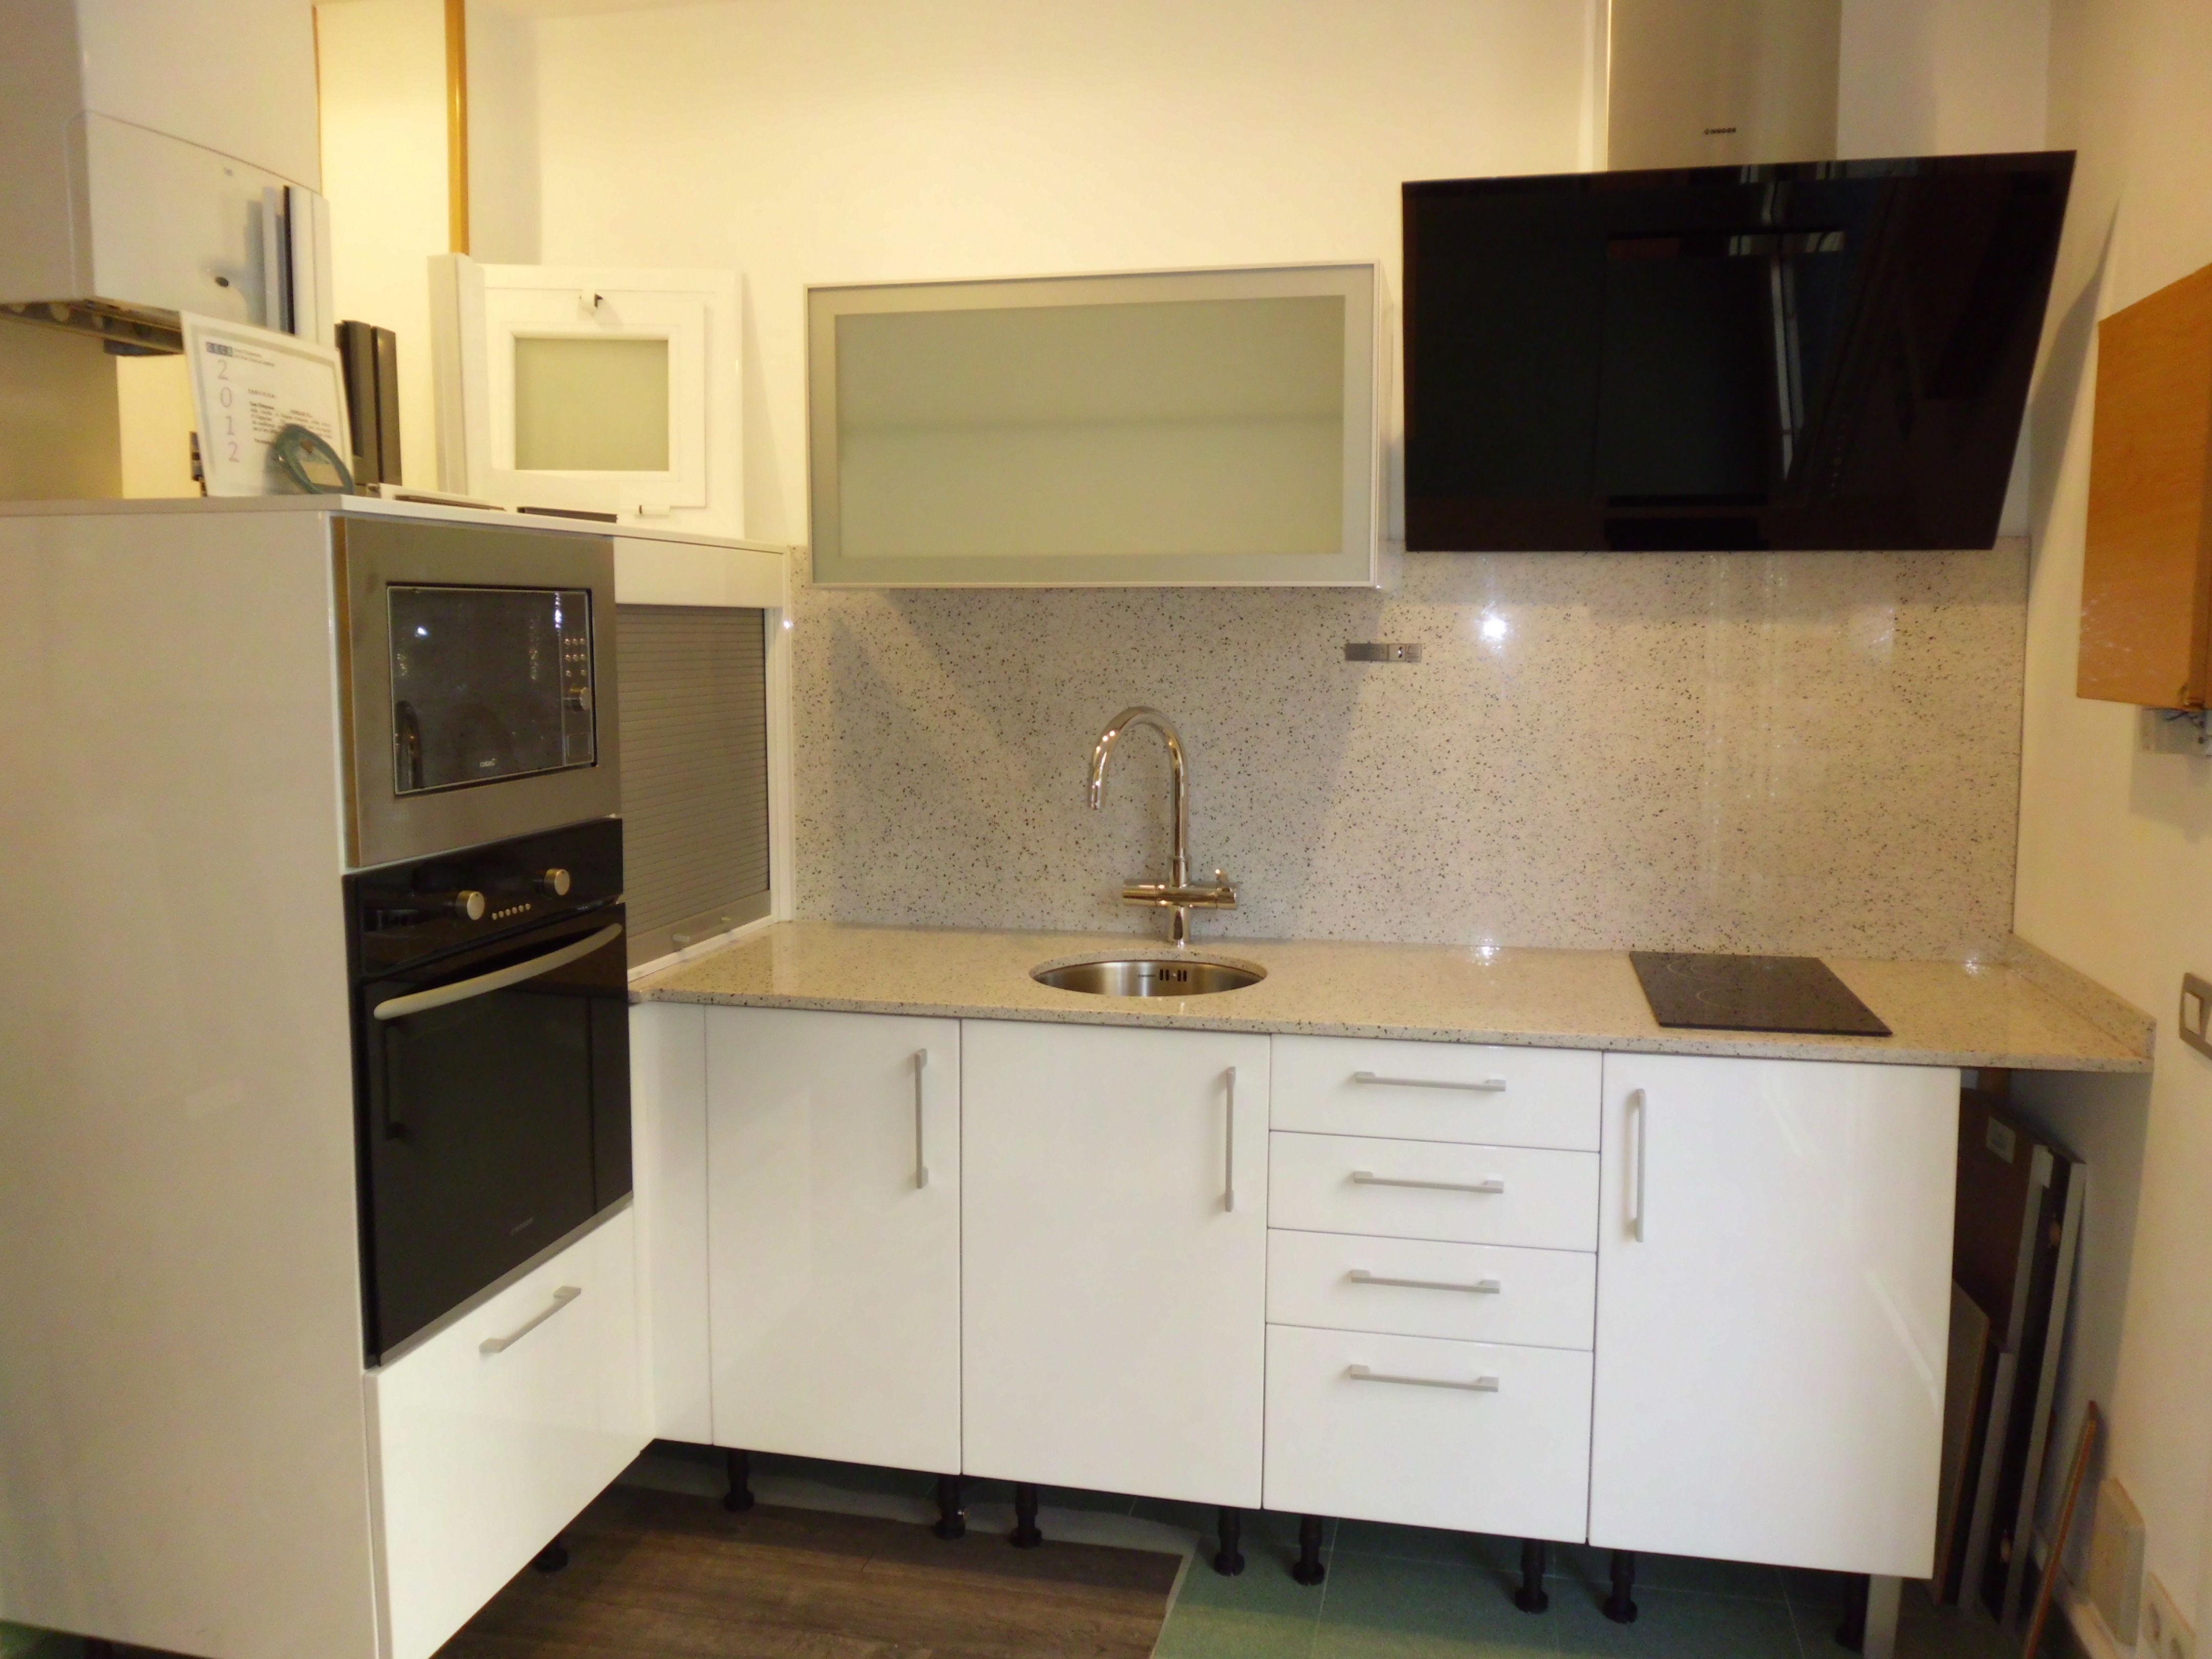 Oferta muebles cocina eixample servicios y productos de for Oferta muebles cocina